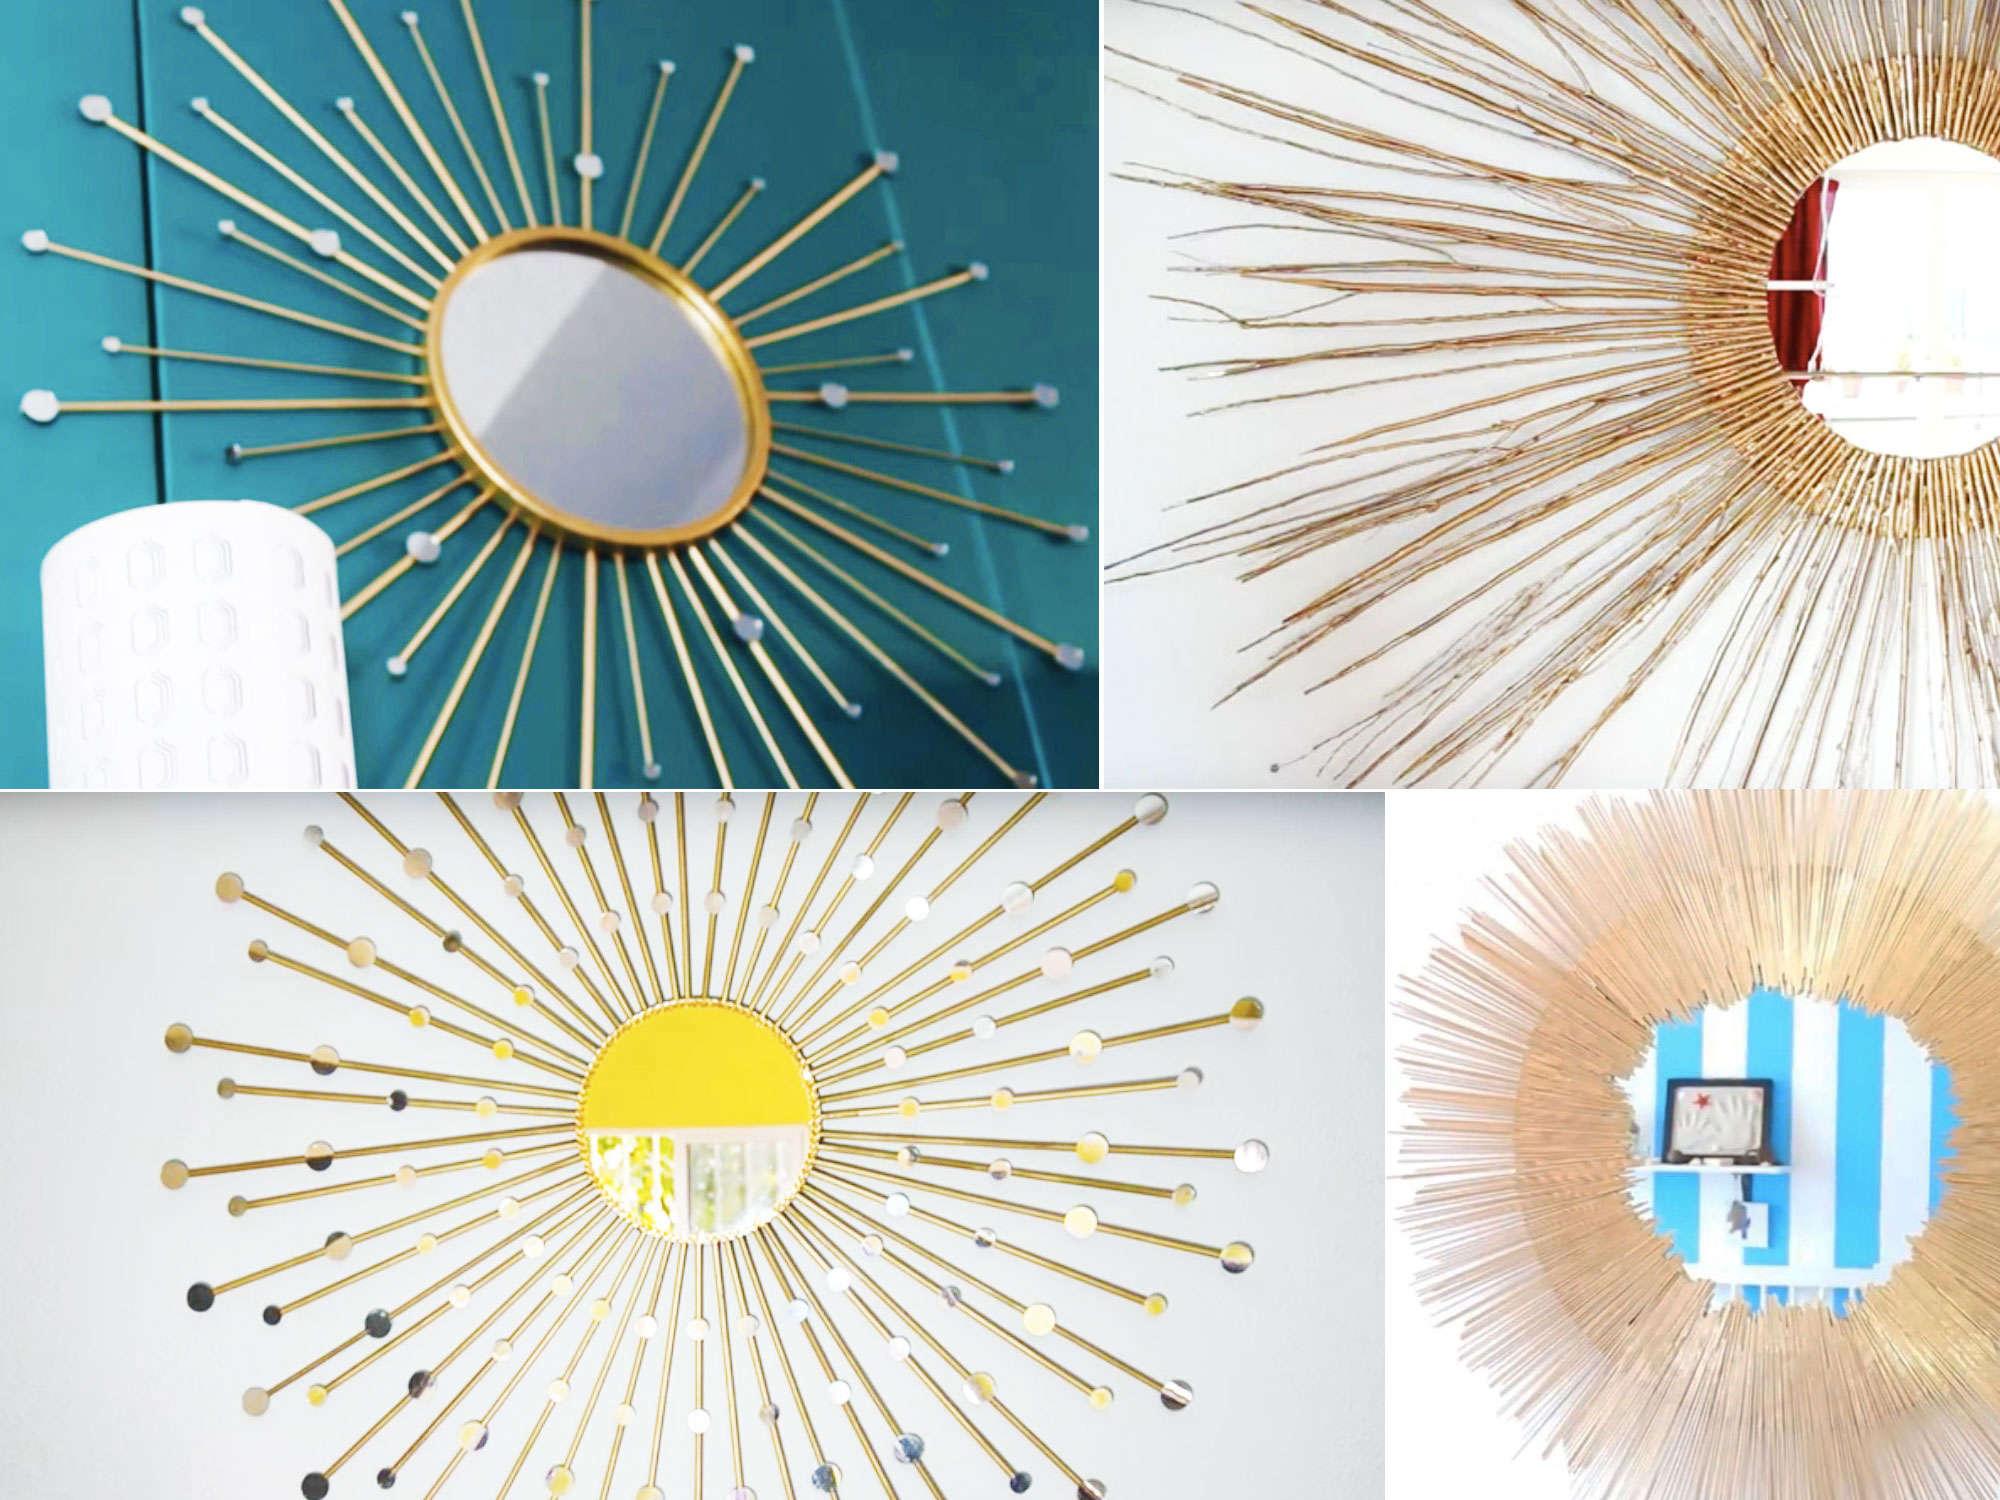 Den här bilden företställer en solspegel, eller 4 varianter som du kan göra själv.